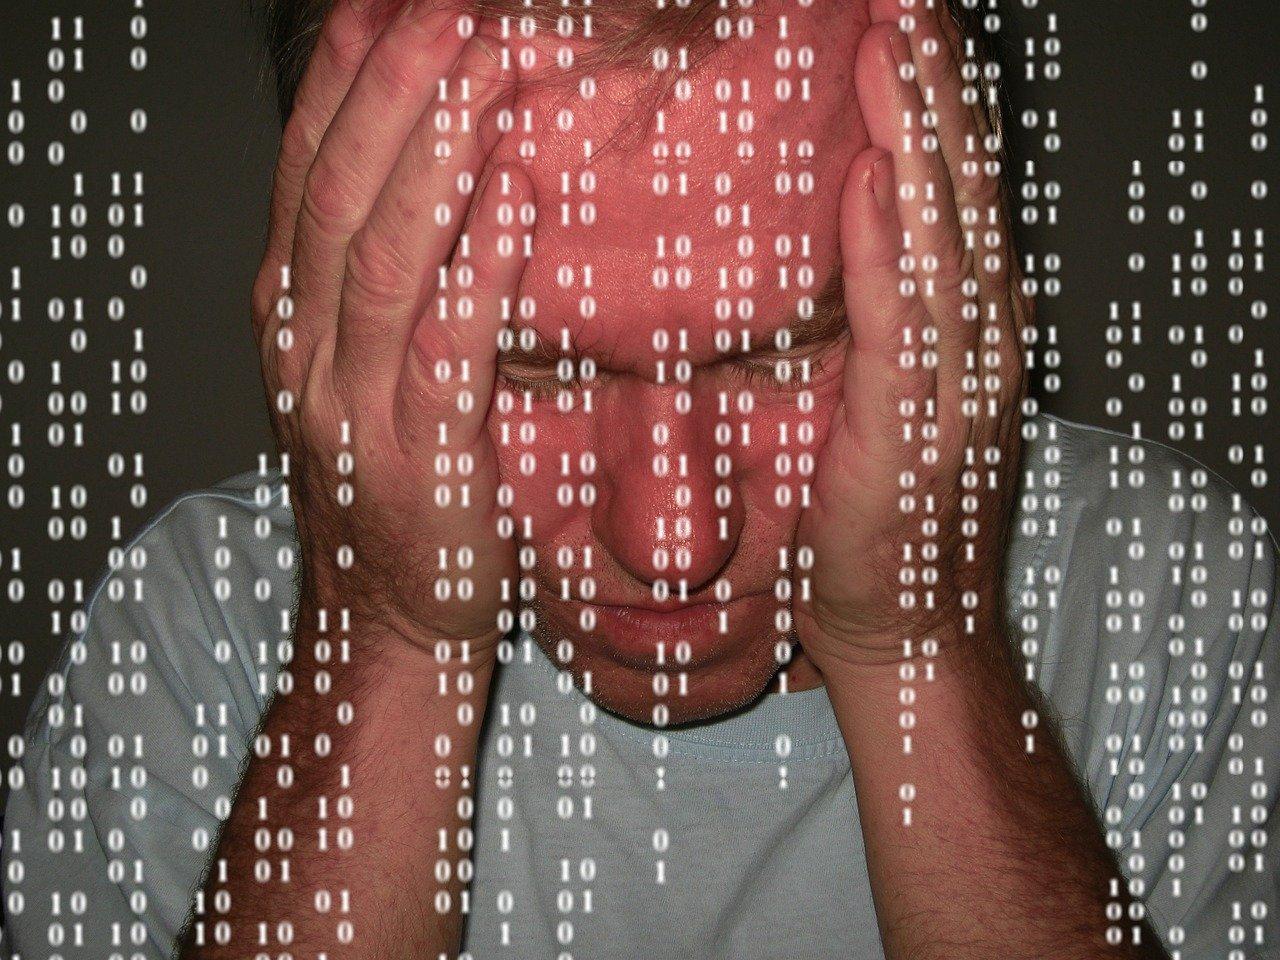 Kako odstraniti računalniški virus